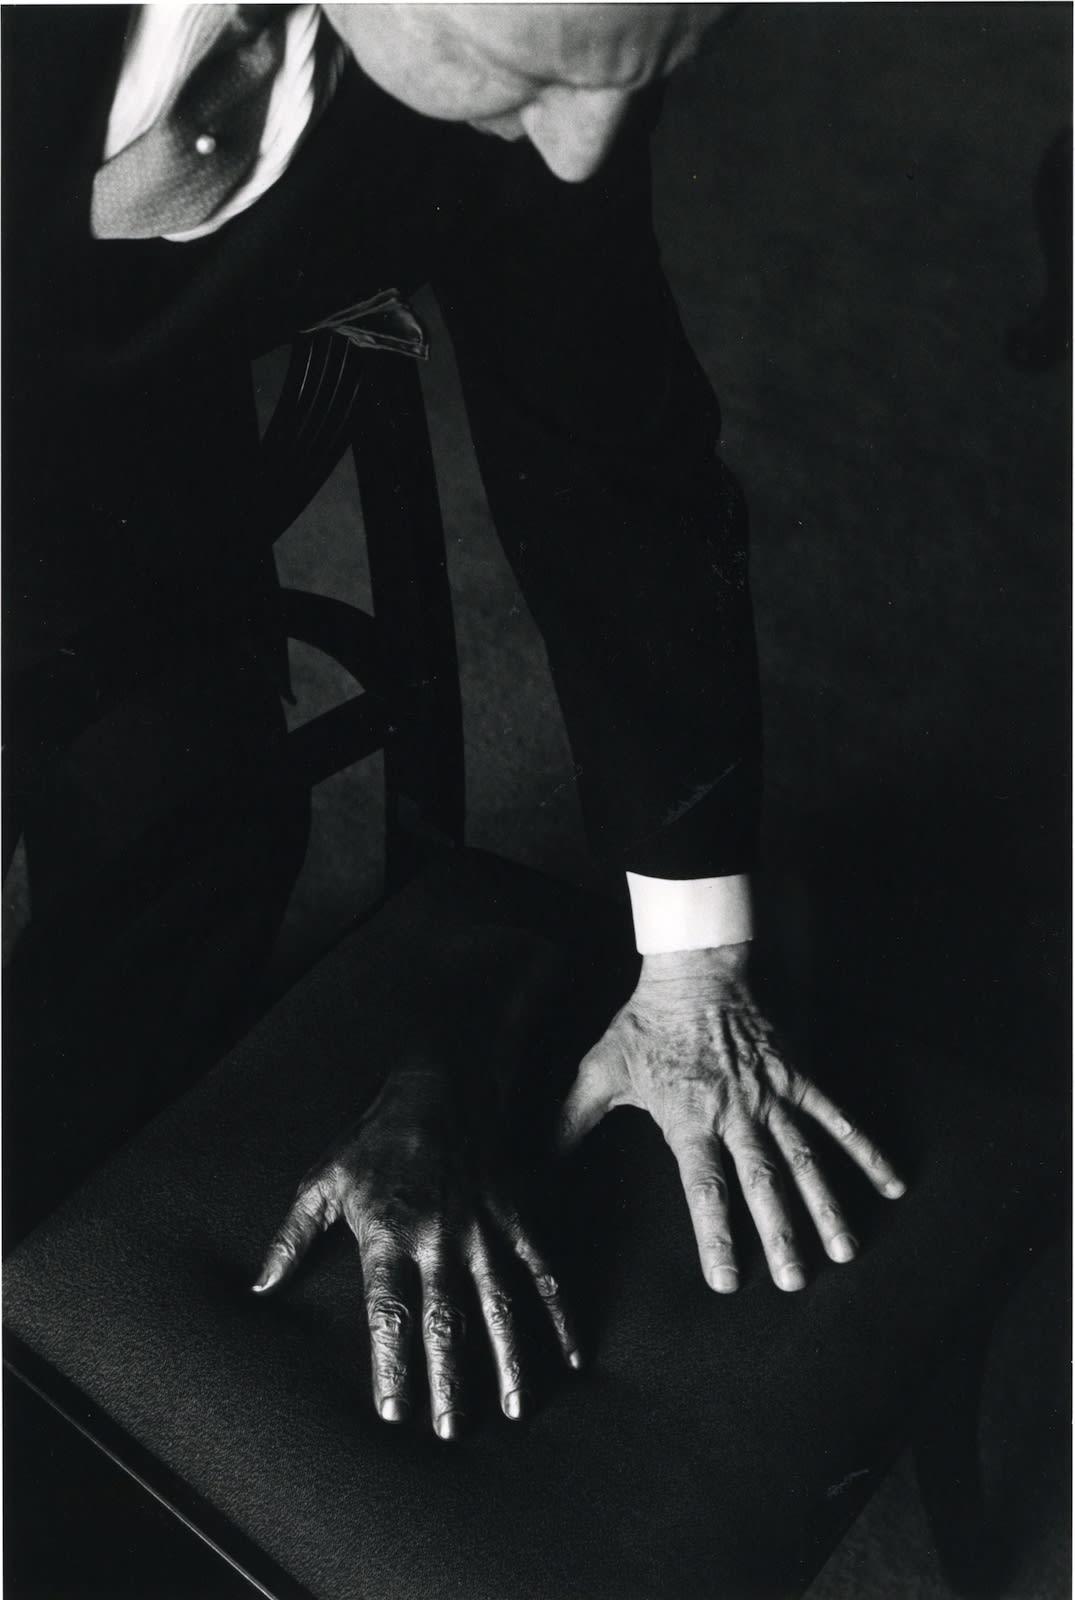 Ernst Haas, Arthur Rubinstein, Hand Sculpture, New York, 1961